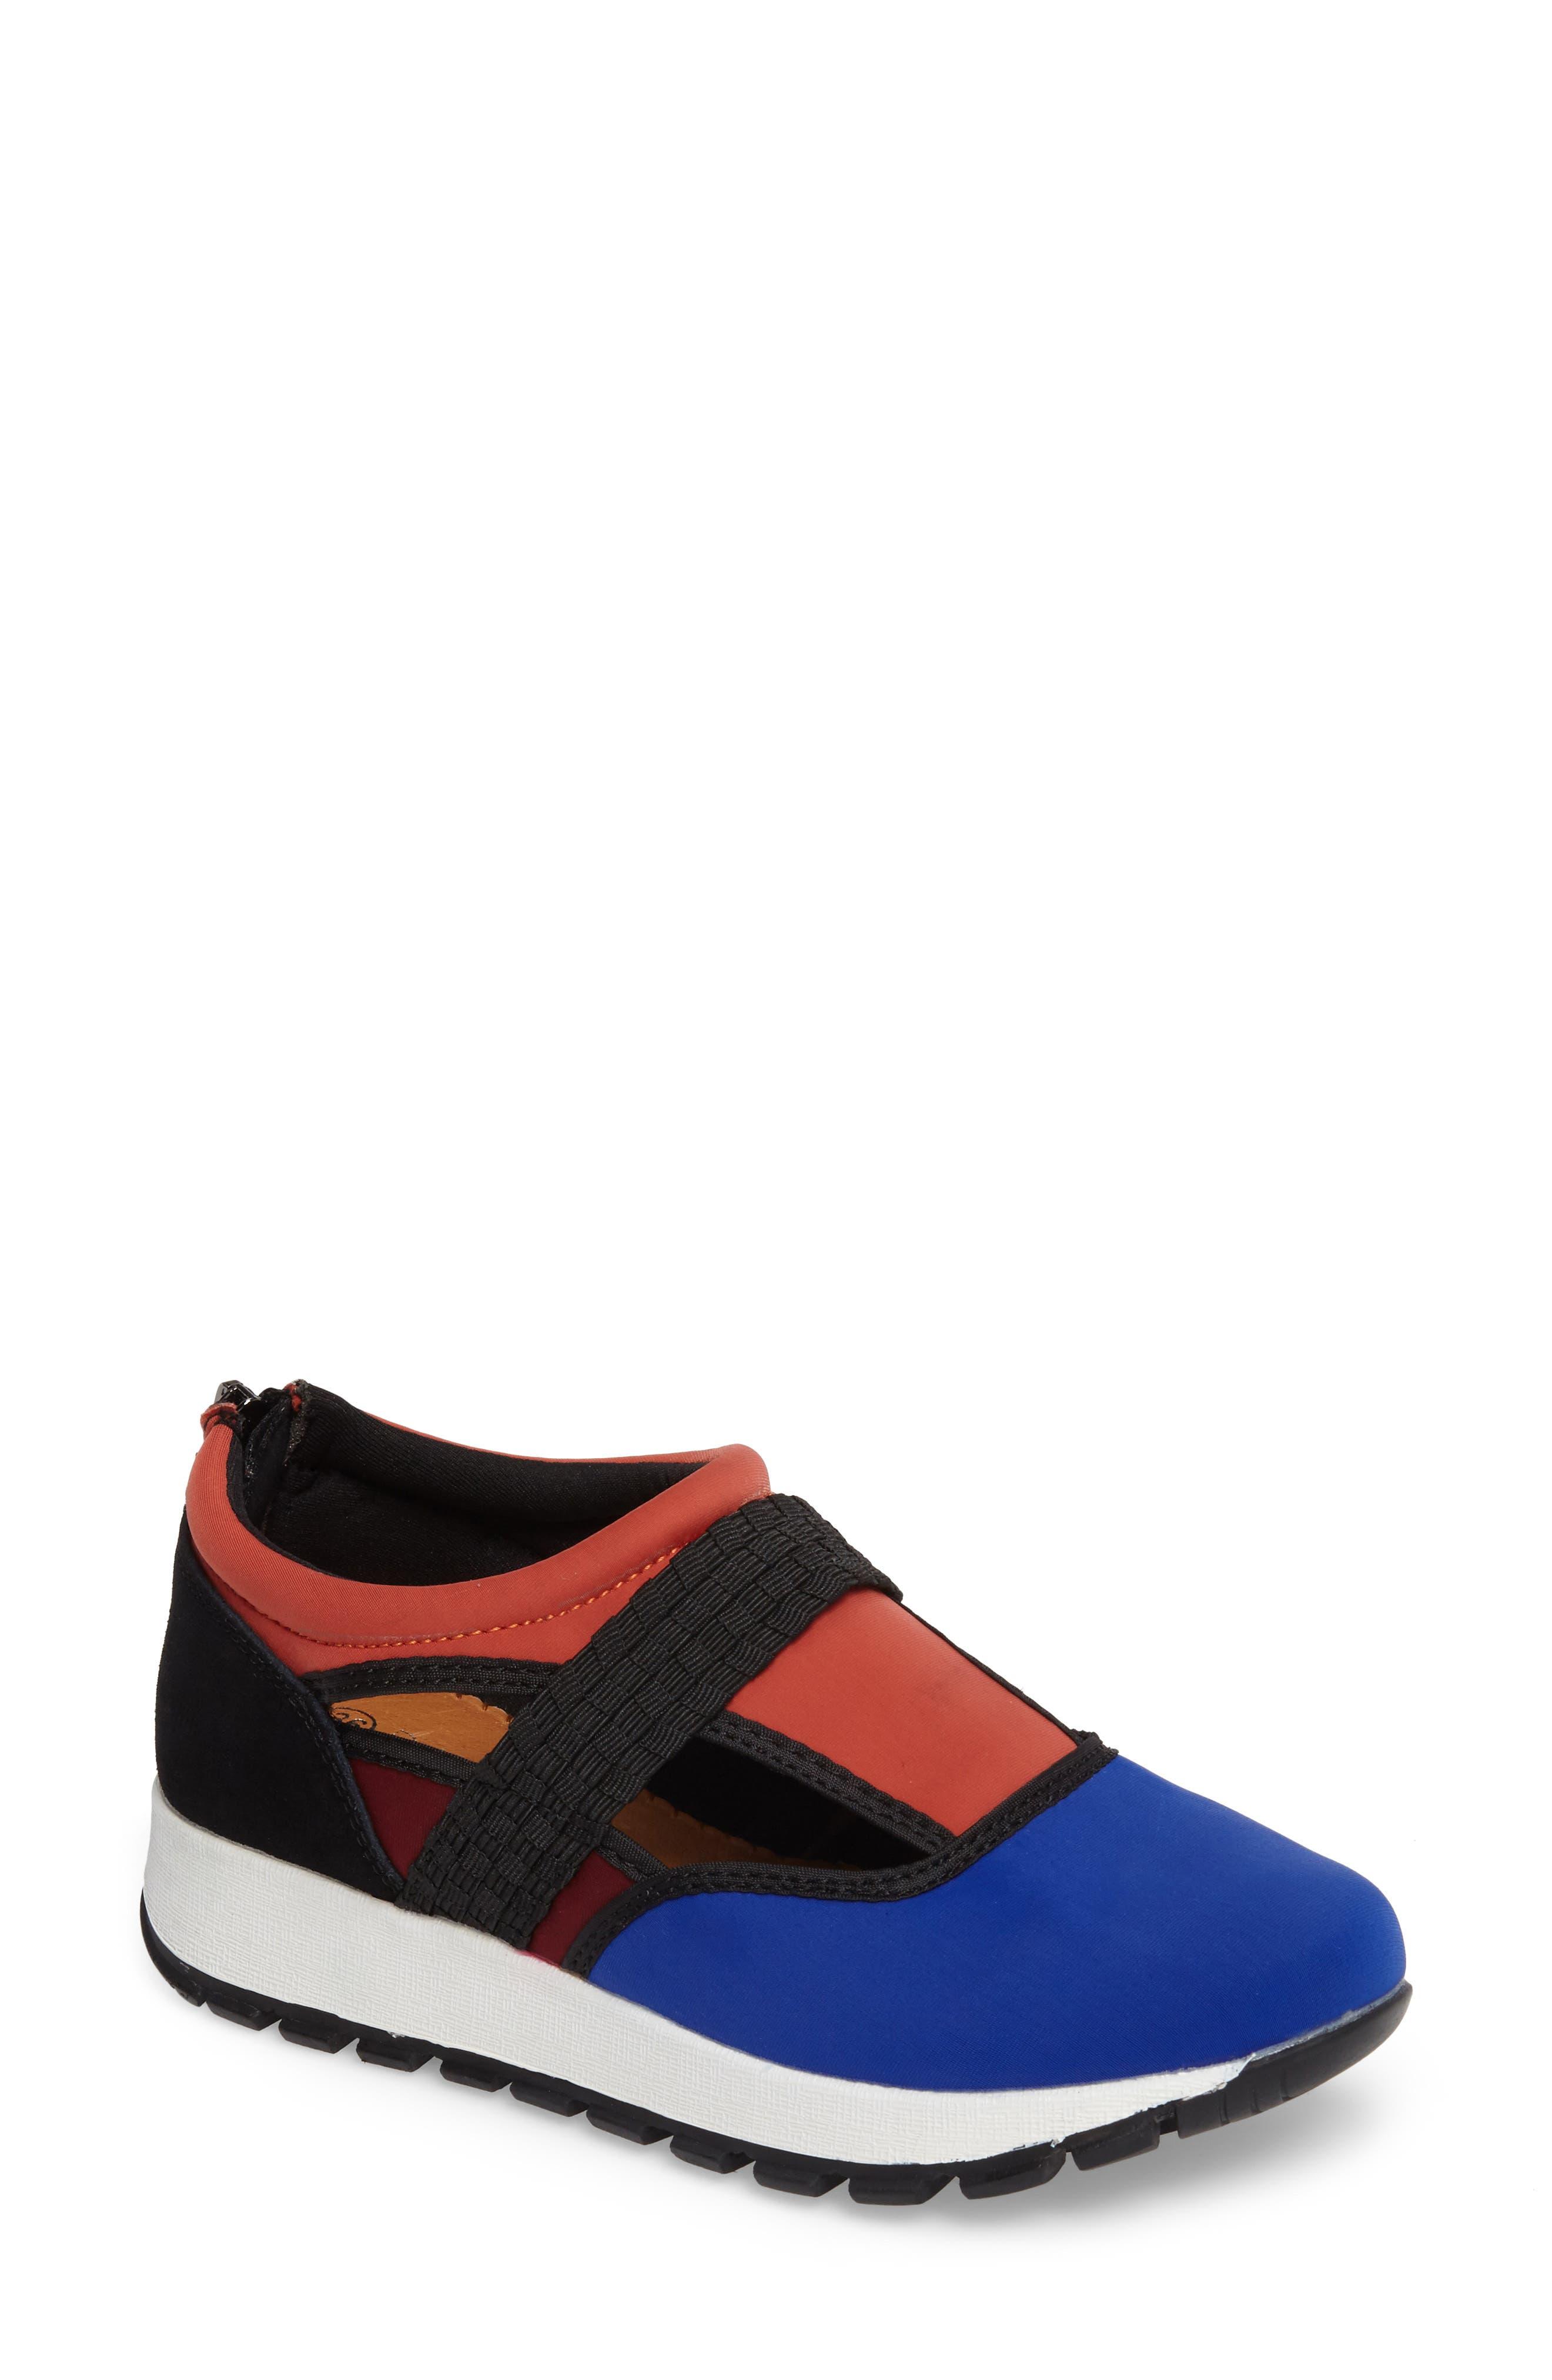 Bernie Mev Janelle Sneaker (Women)